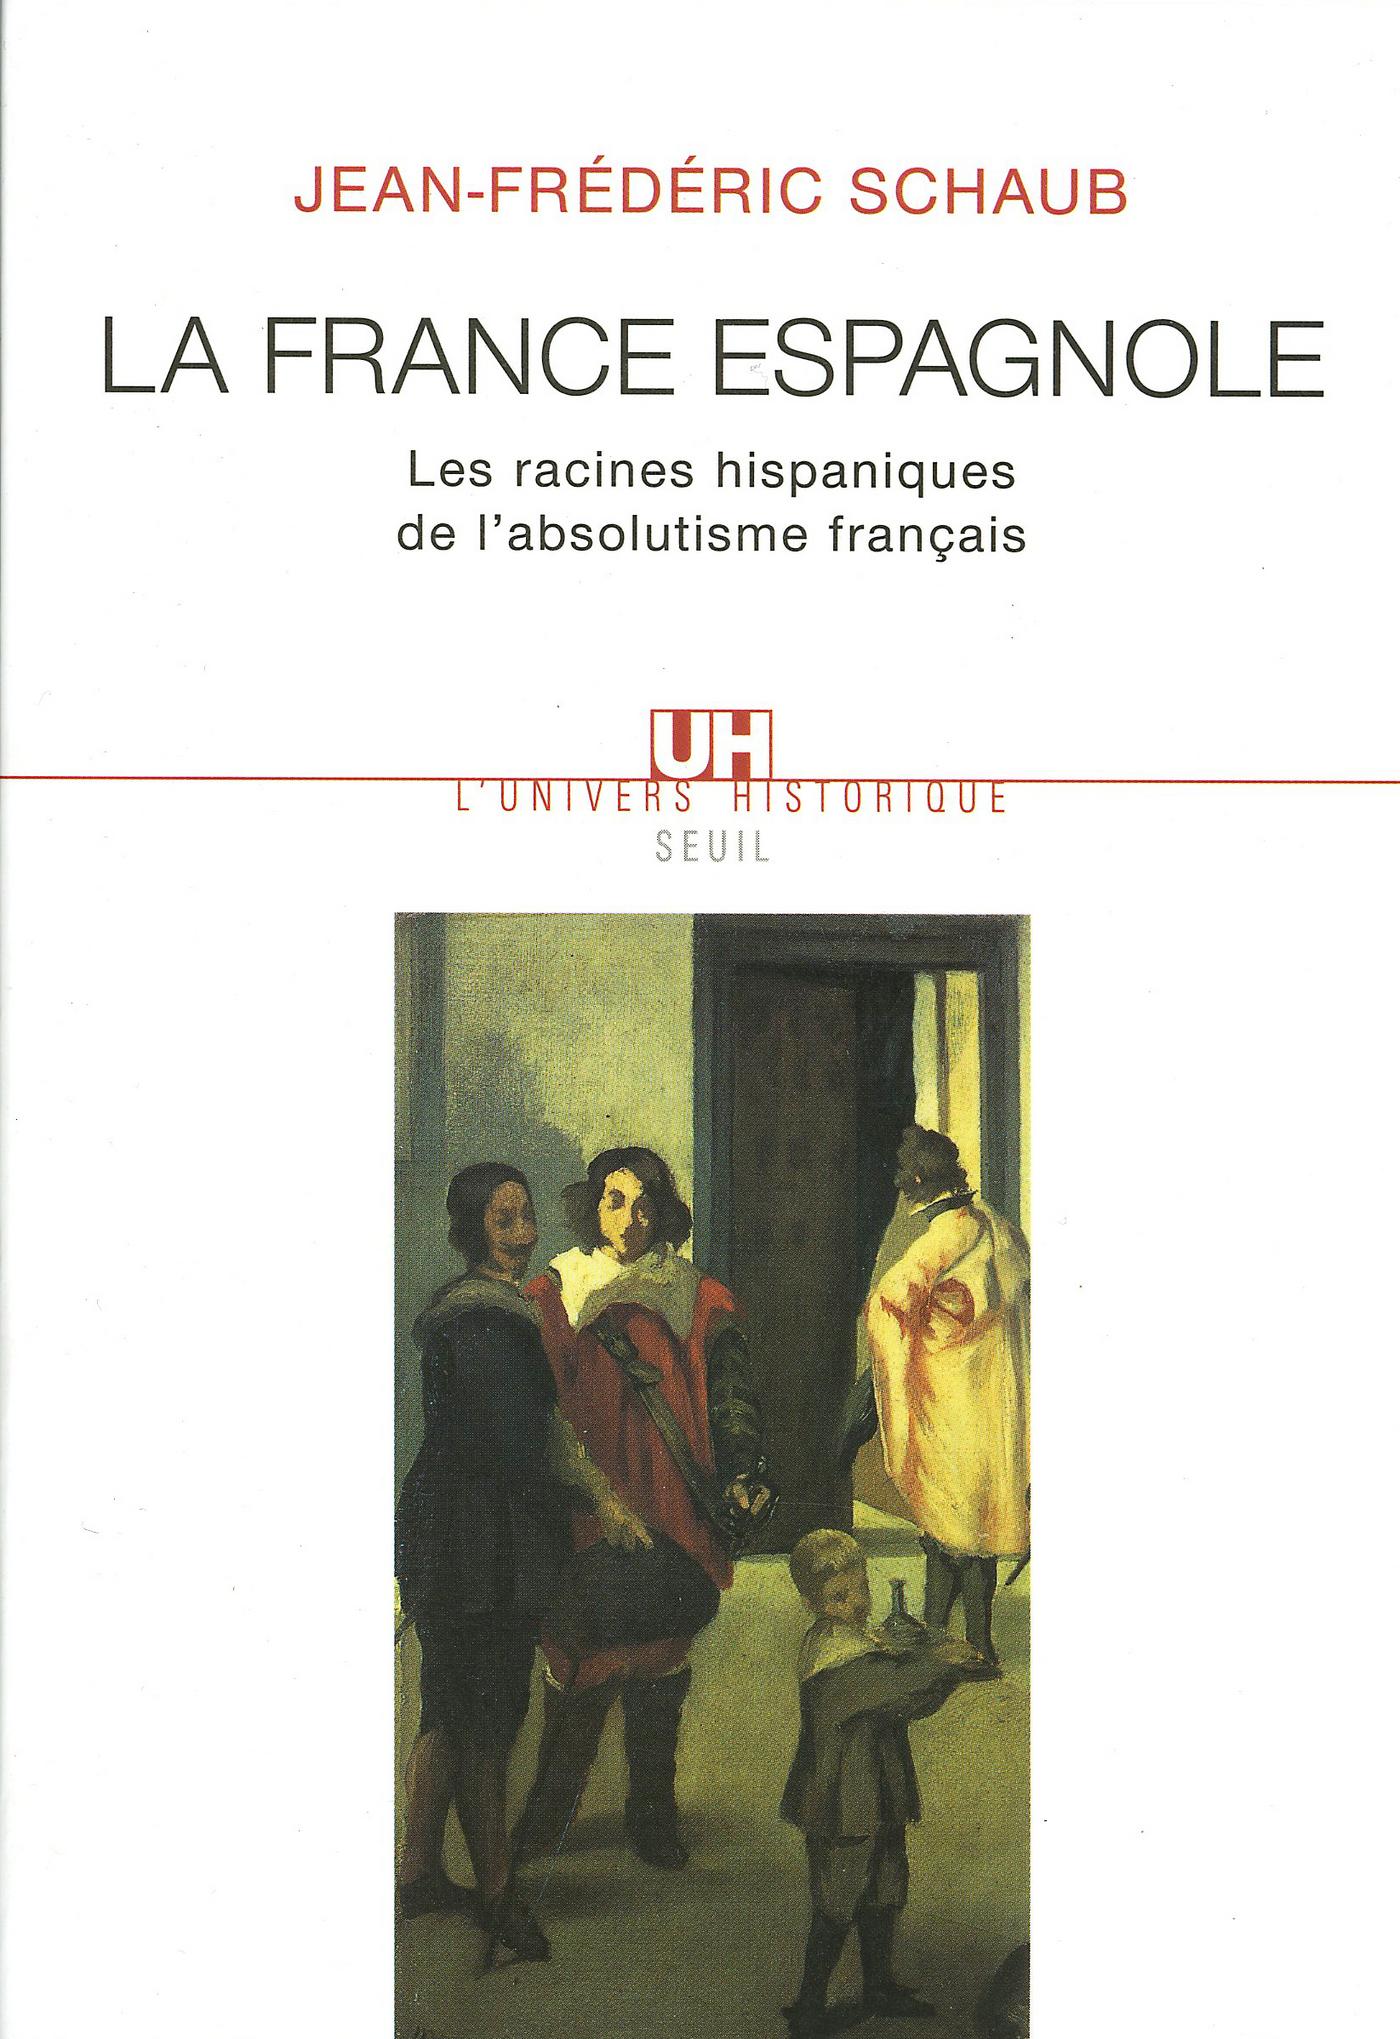 La France espagnole. Les racines hispaniques de l'absolutisme français